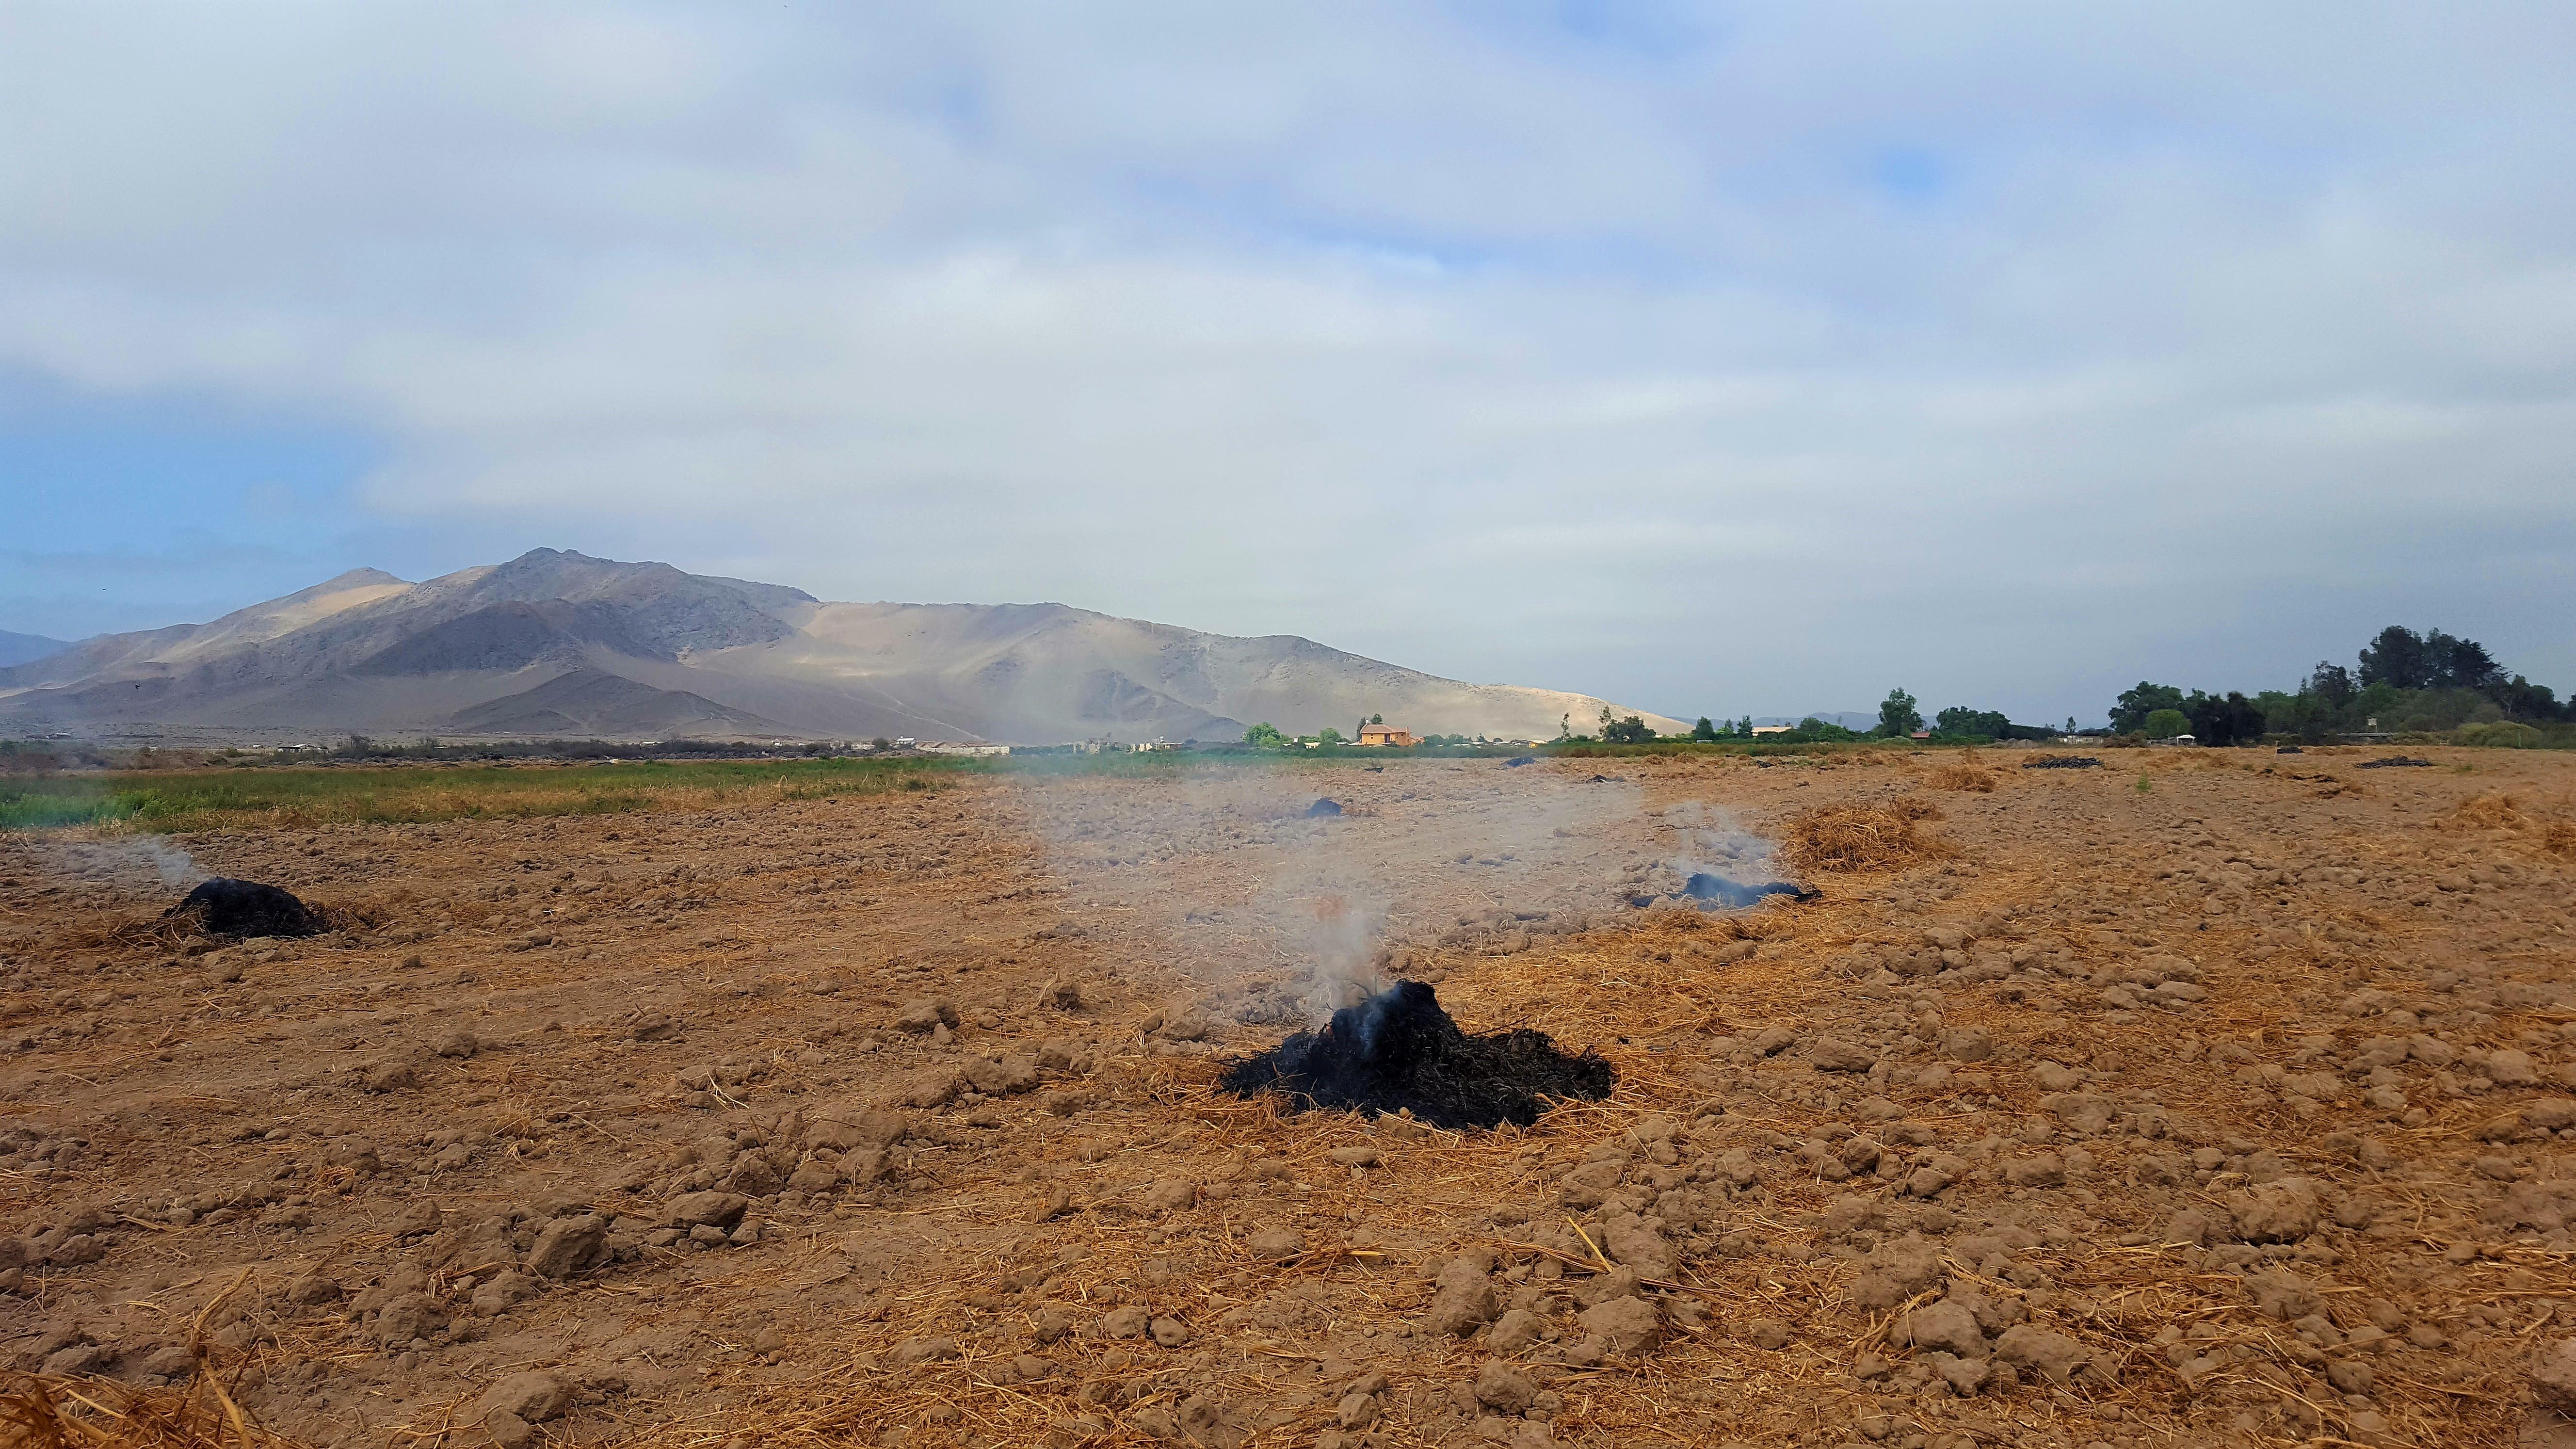 Prohibidas las quemas controladas en la región de Atacama por alto riesgo de incendios forestales